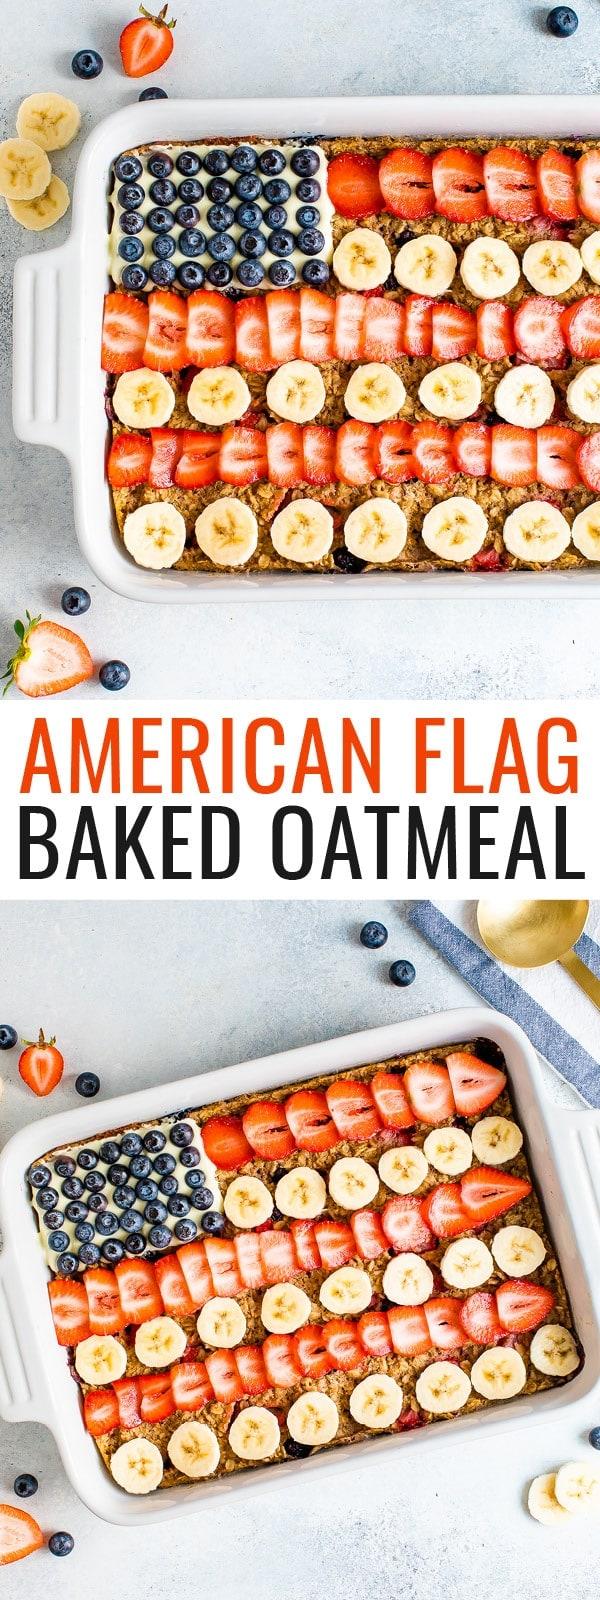 دقيق الشوفان المخبوز مزين ليبدو مثل العلم الأمريكي مع العنب البري وشرائح الموز والفراولة.